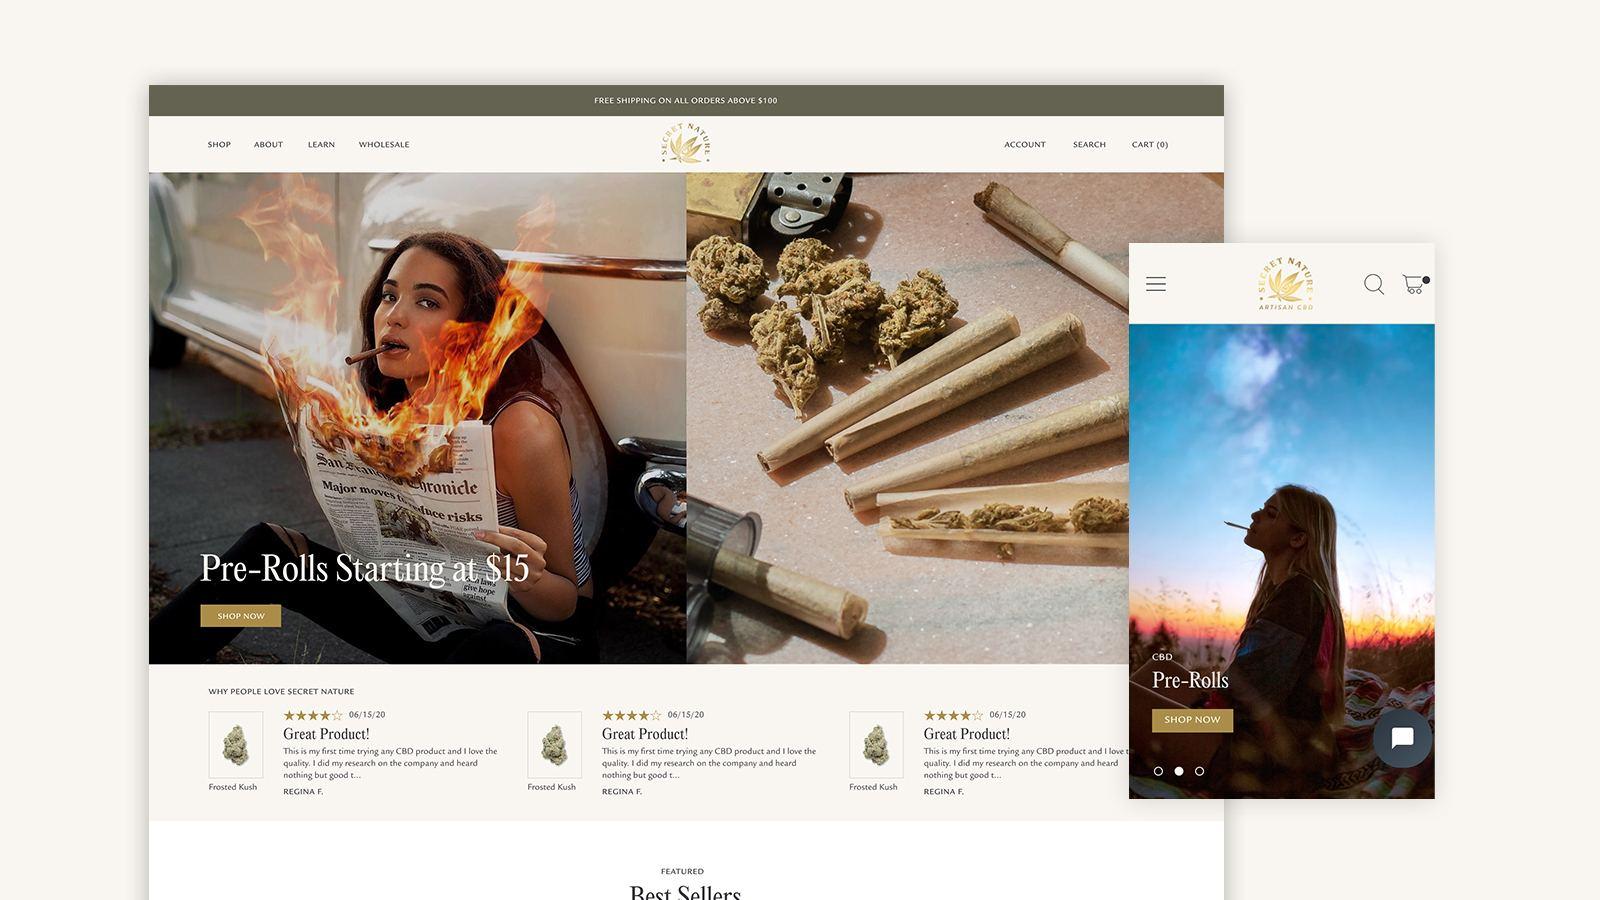 Secret Nature design in mobile and desktop browser